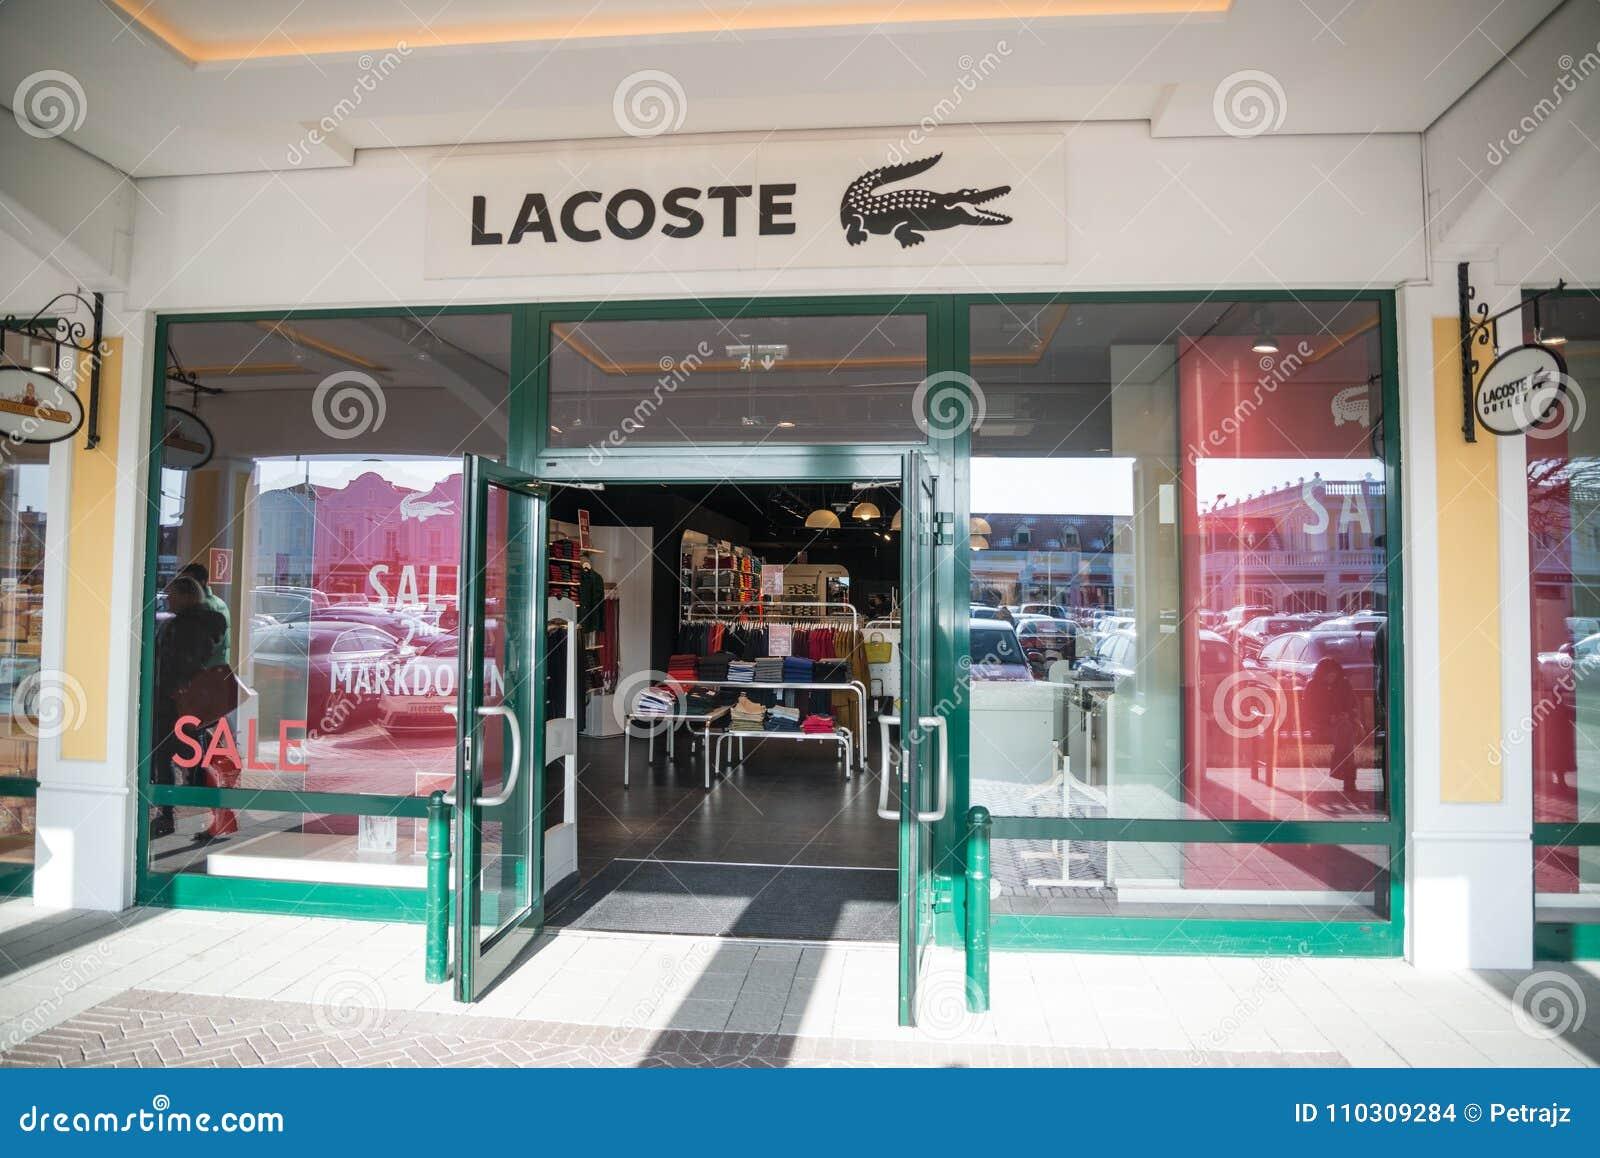 b60415bc1c177 Tienda De Lacoste En Parndorf